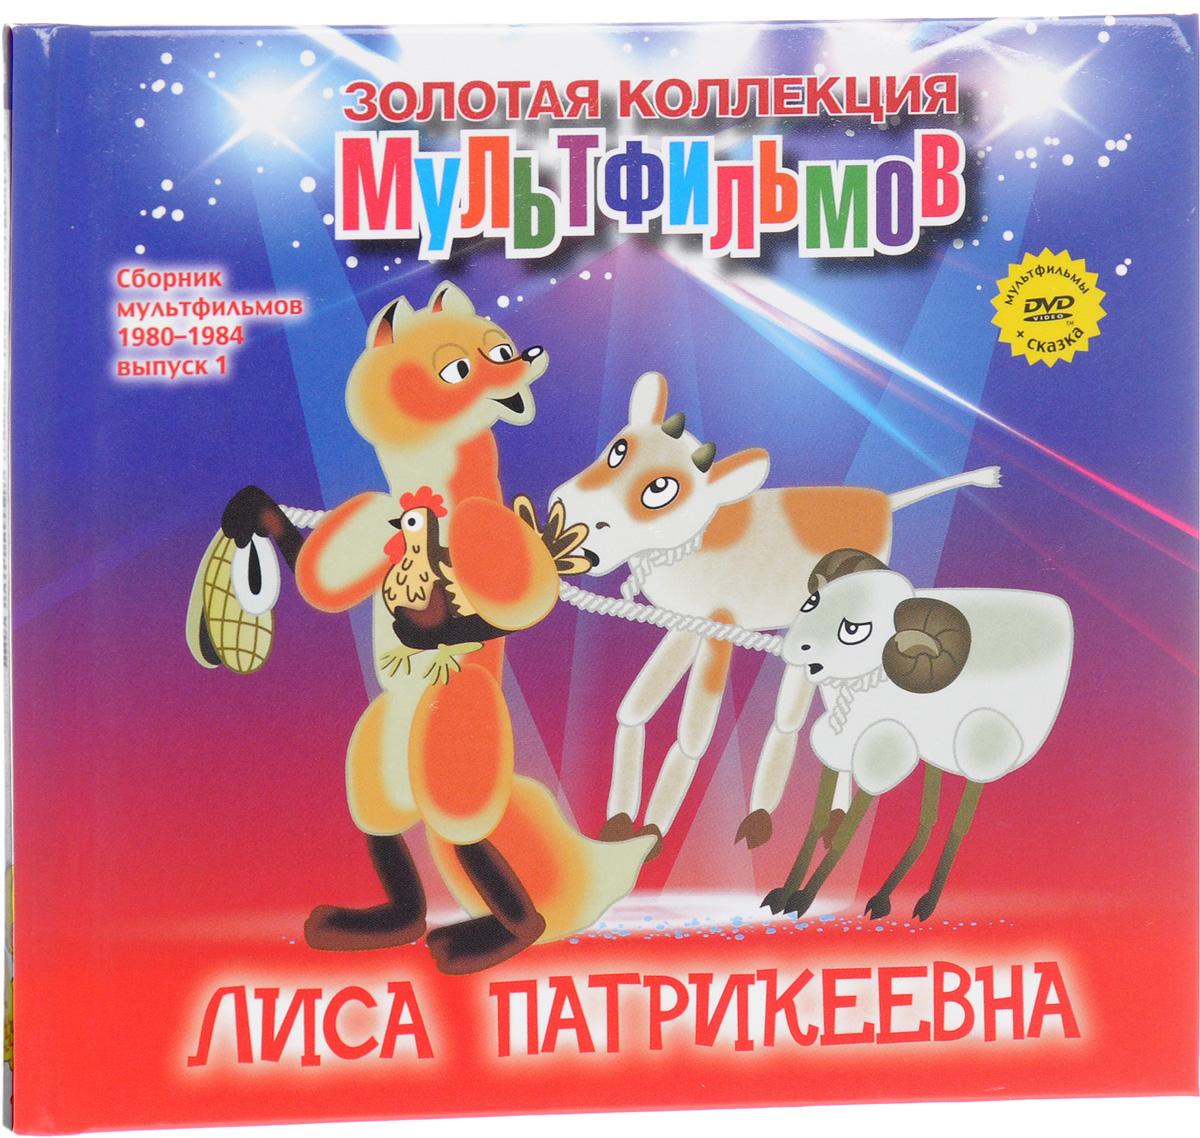 Золотая коллекция мультфильмов, Том 39, Лиса Патрикеевна